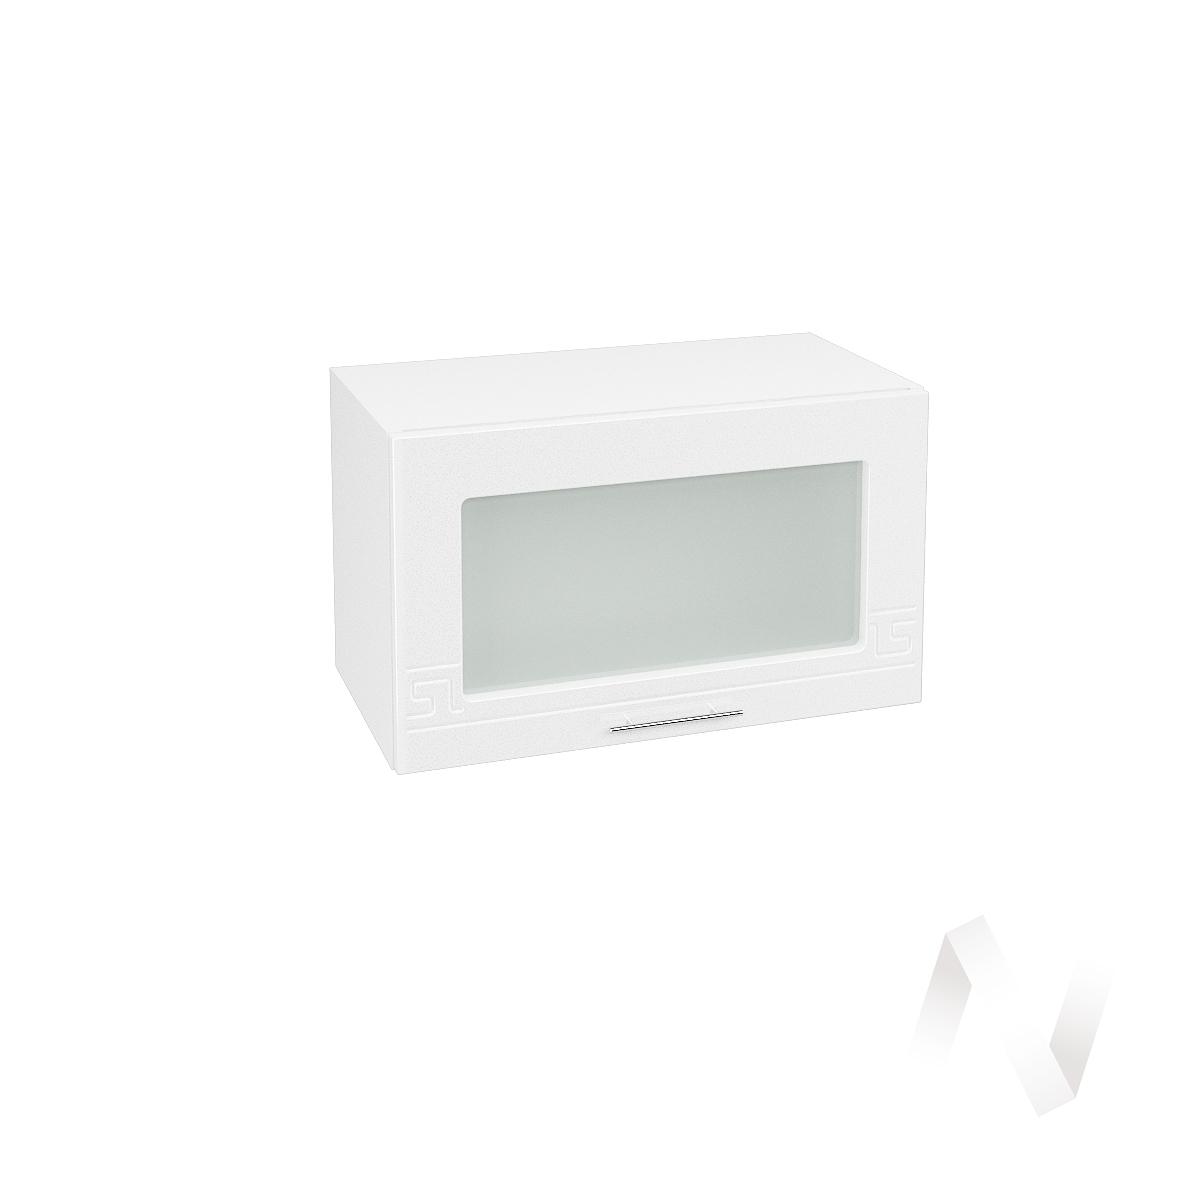 """Кухня """"Греция"""": Шкаф верхний горизонтальный со стеклом 600, ШВГС 600 (белый металлик/корпус белый)"""